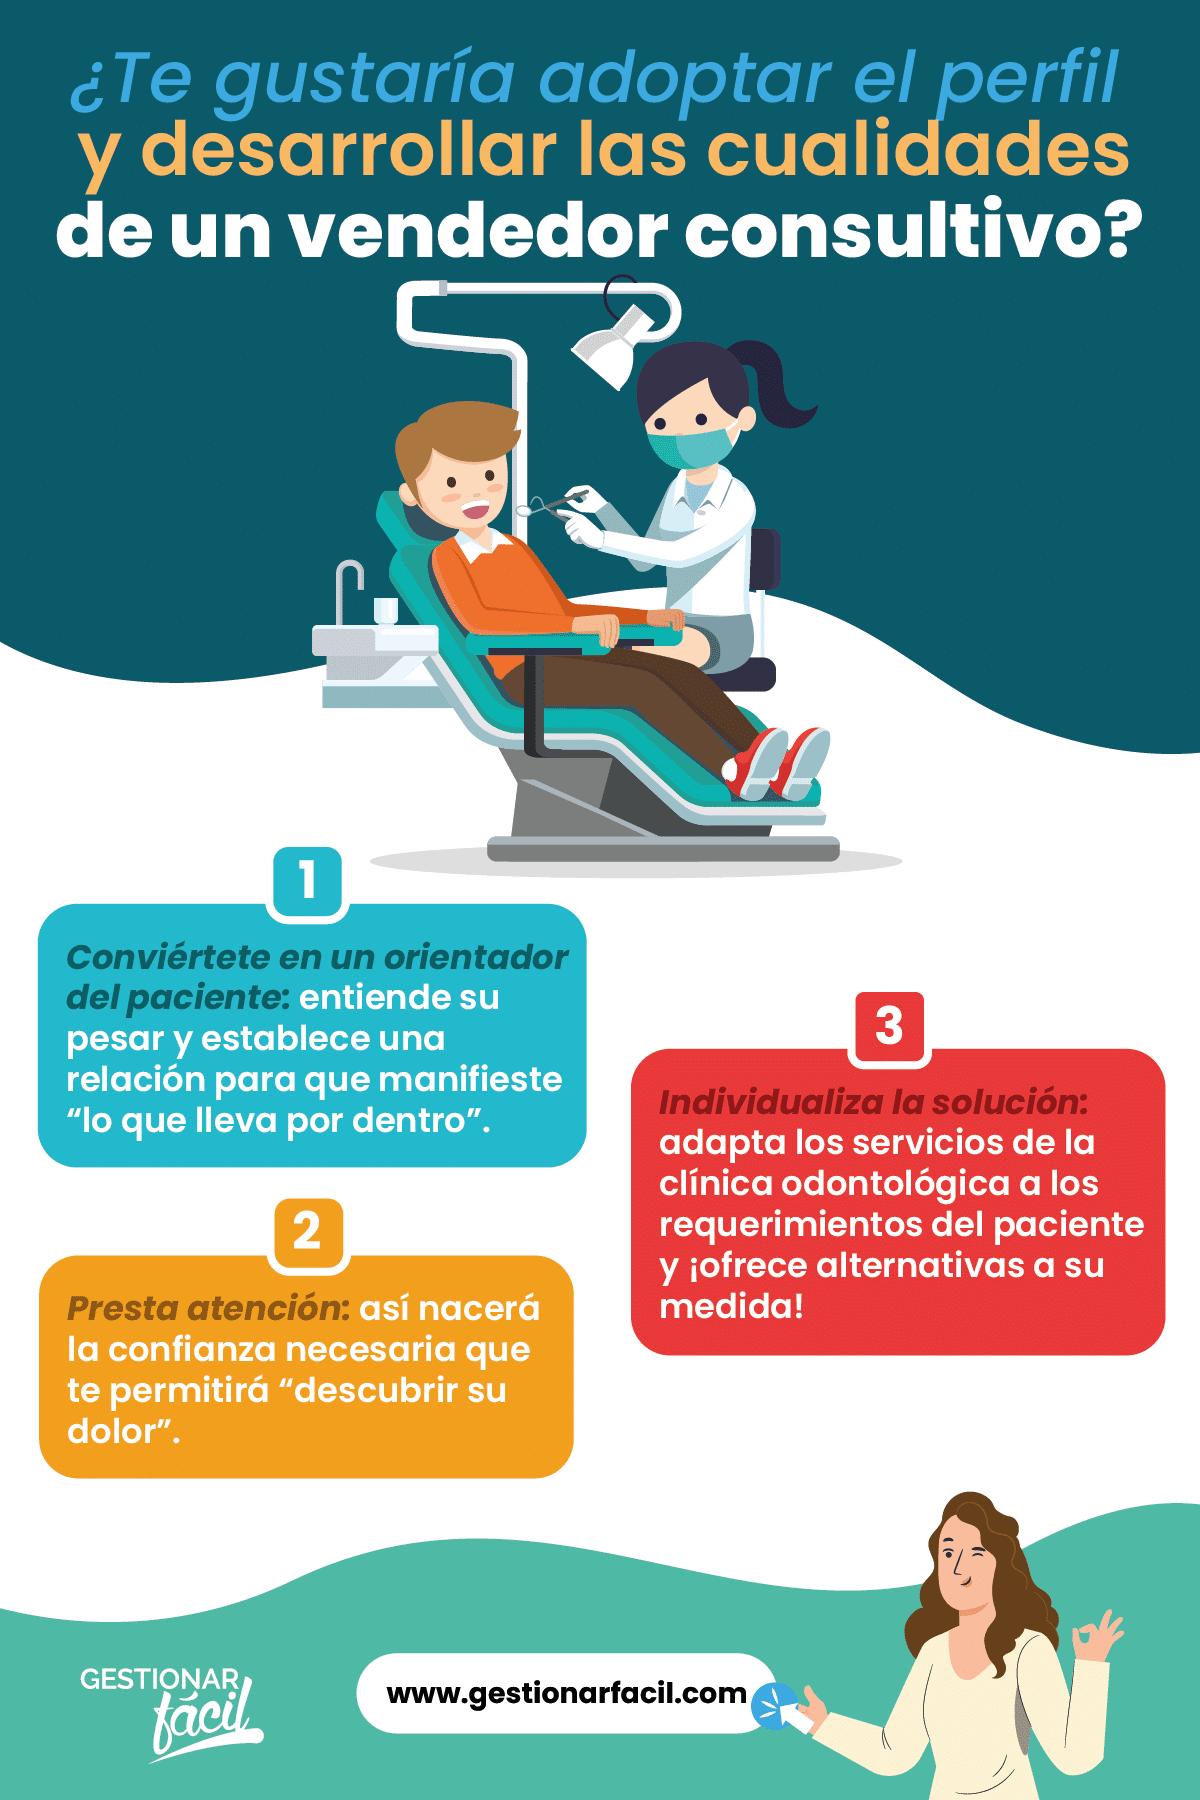 Perfil y cualidades del vendedor consultivo en una clínica odontológica.